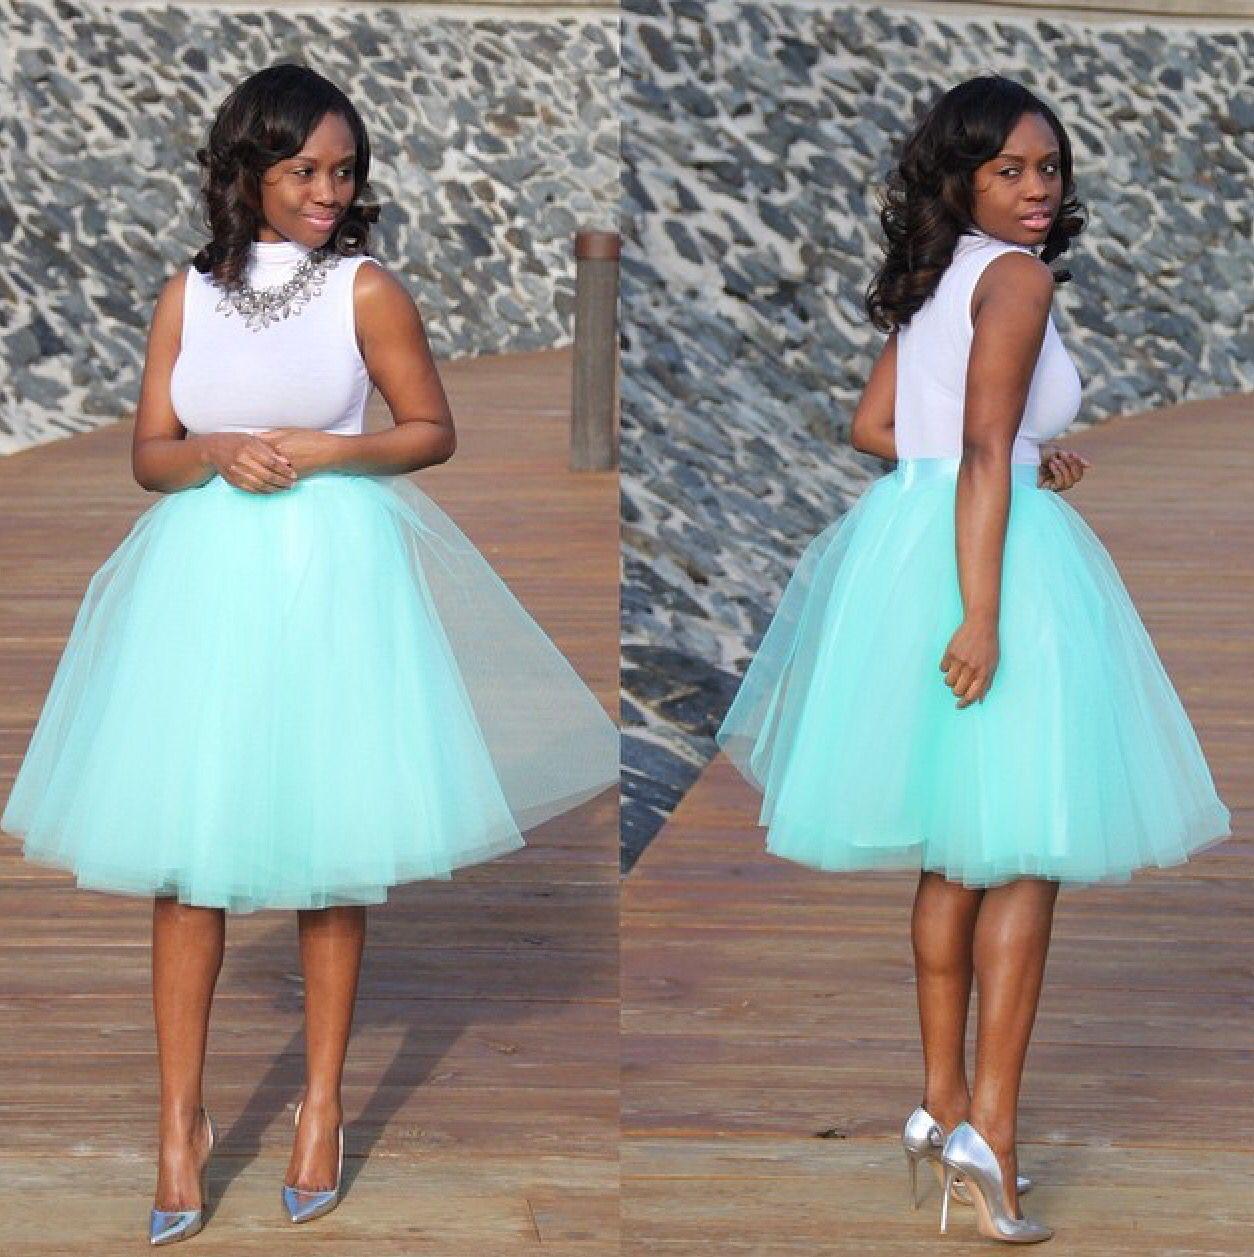 Tulle Skirt | ~MY FASHION STYLE #2~ | Pinterest | Tulle skirts ...